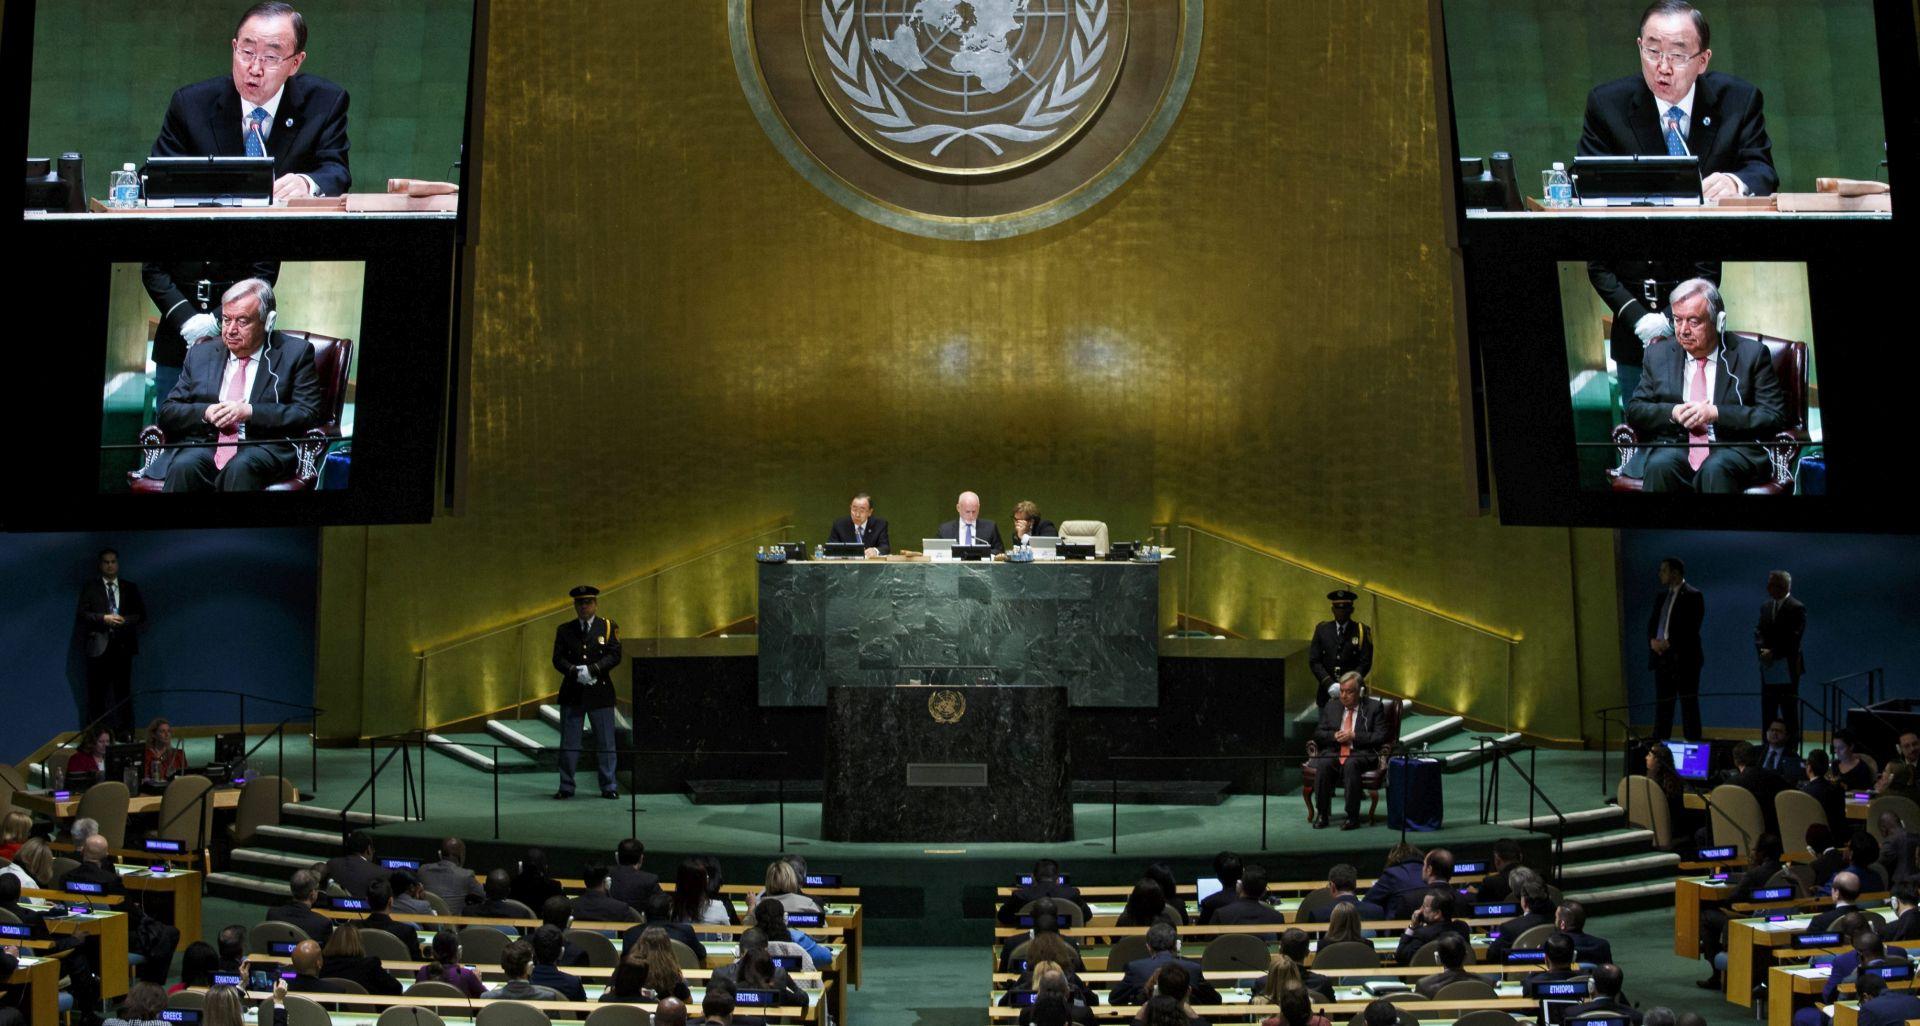 ISTOČNI KONGO Ubijeno 14 mirovnjaka, više od 40 ranjeno